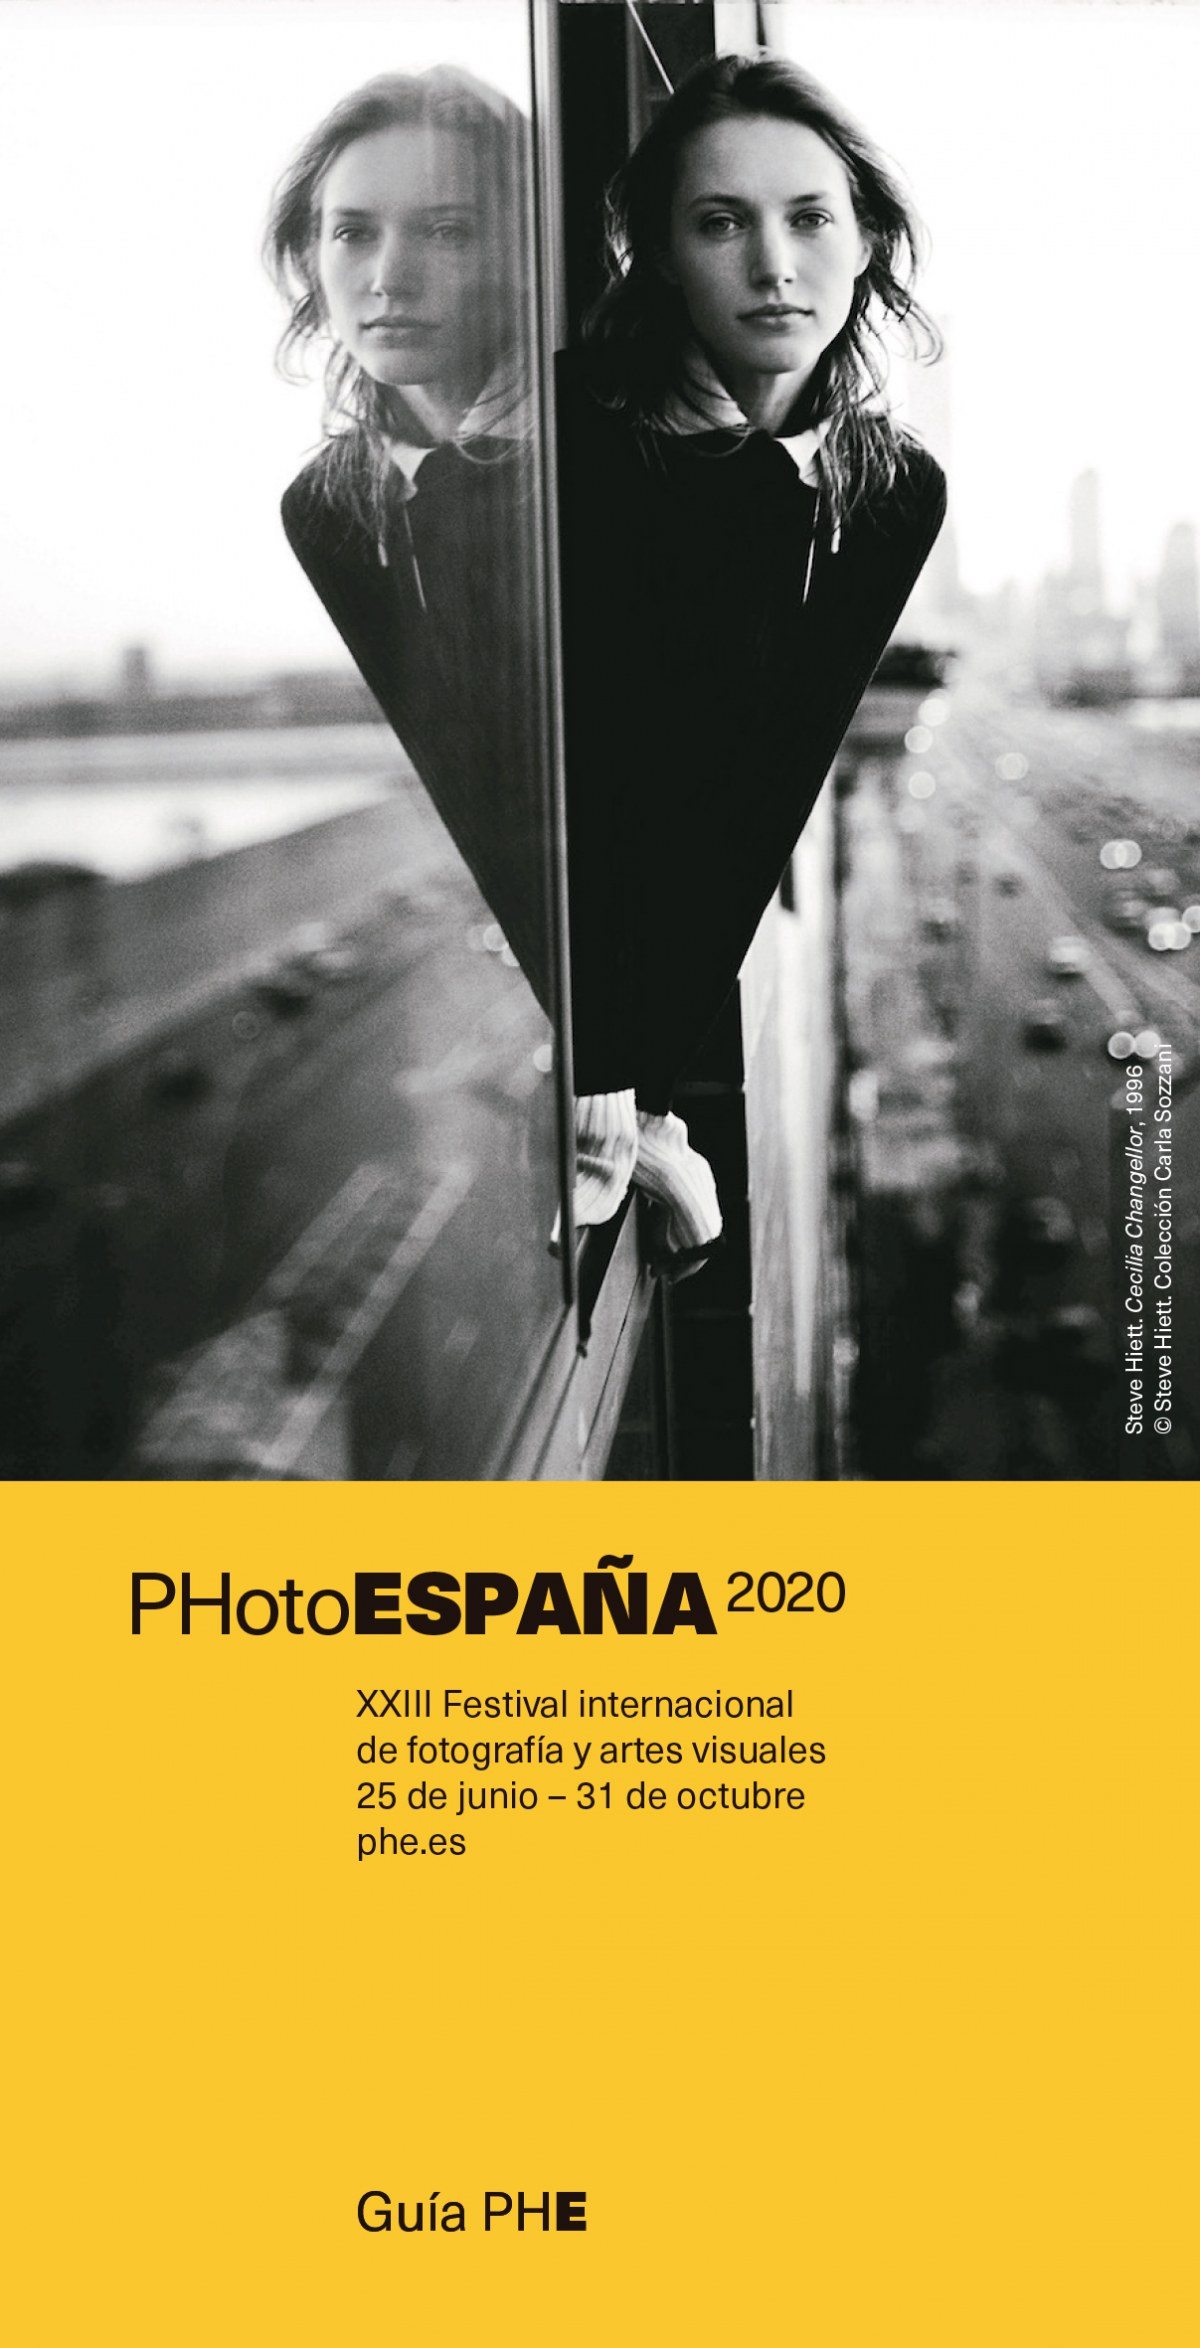 Gu¡a PhotoEspaña 2020.